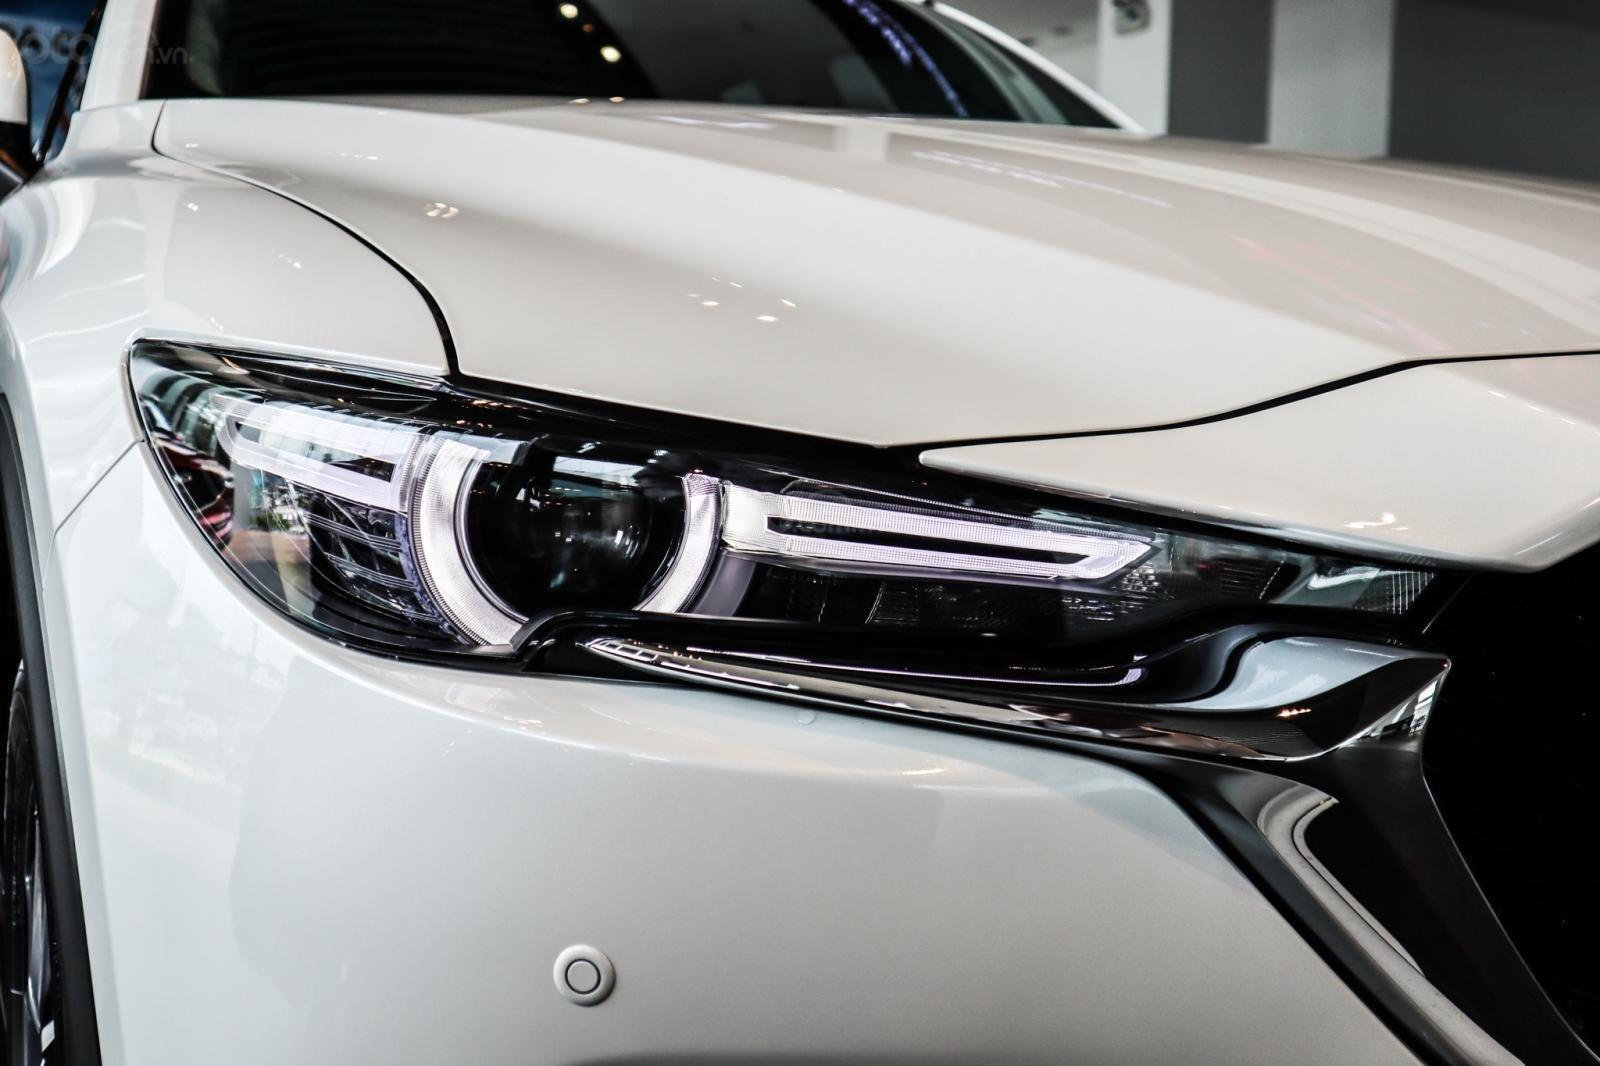 Bán Mazda CX5 đẳng cấp thời thượng, là sự lựa chọn thông minh và giá hợp lý (6)